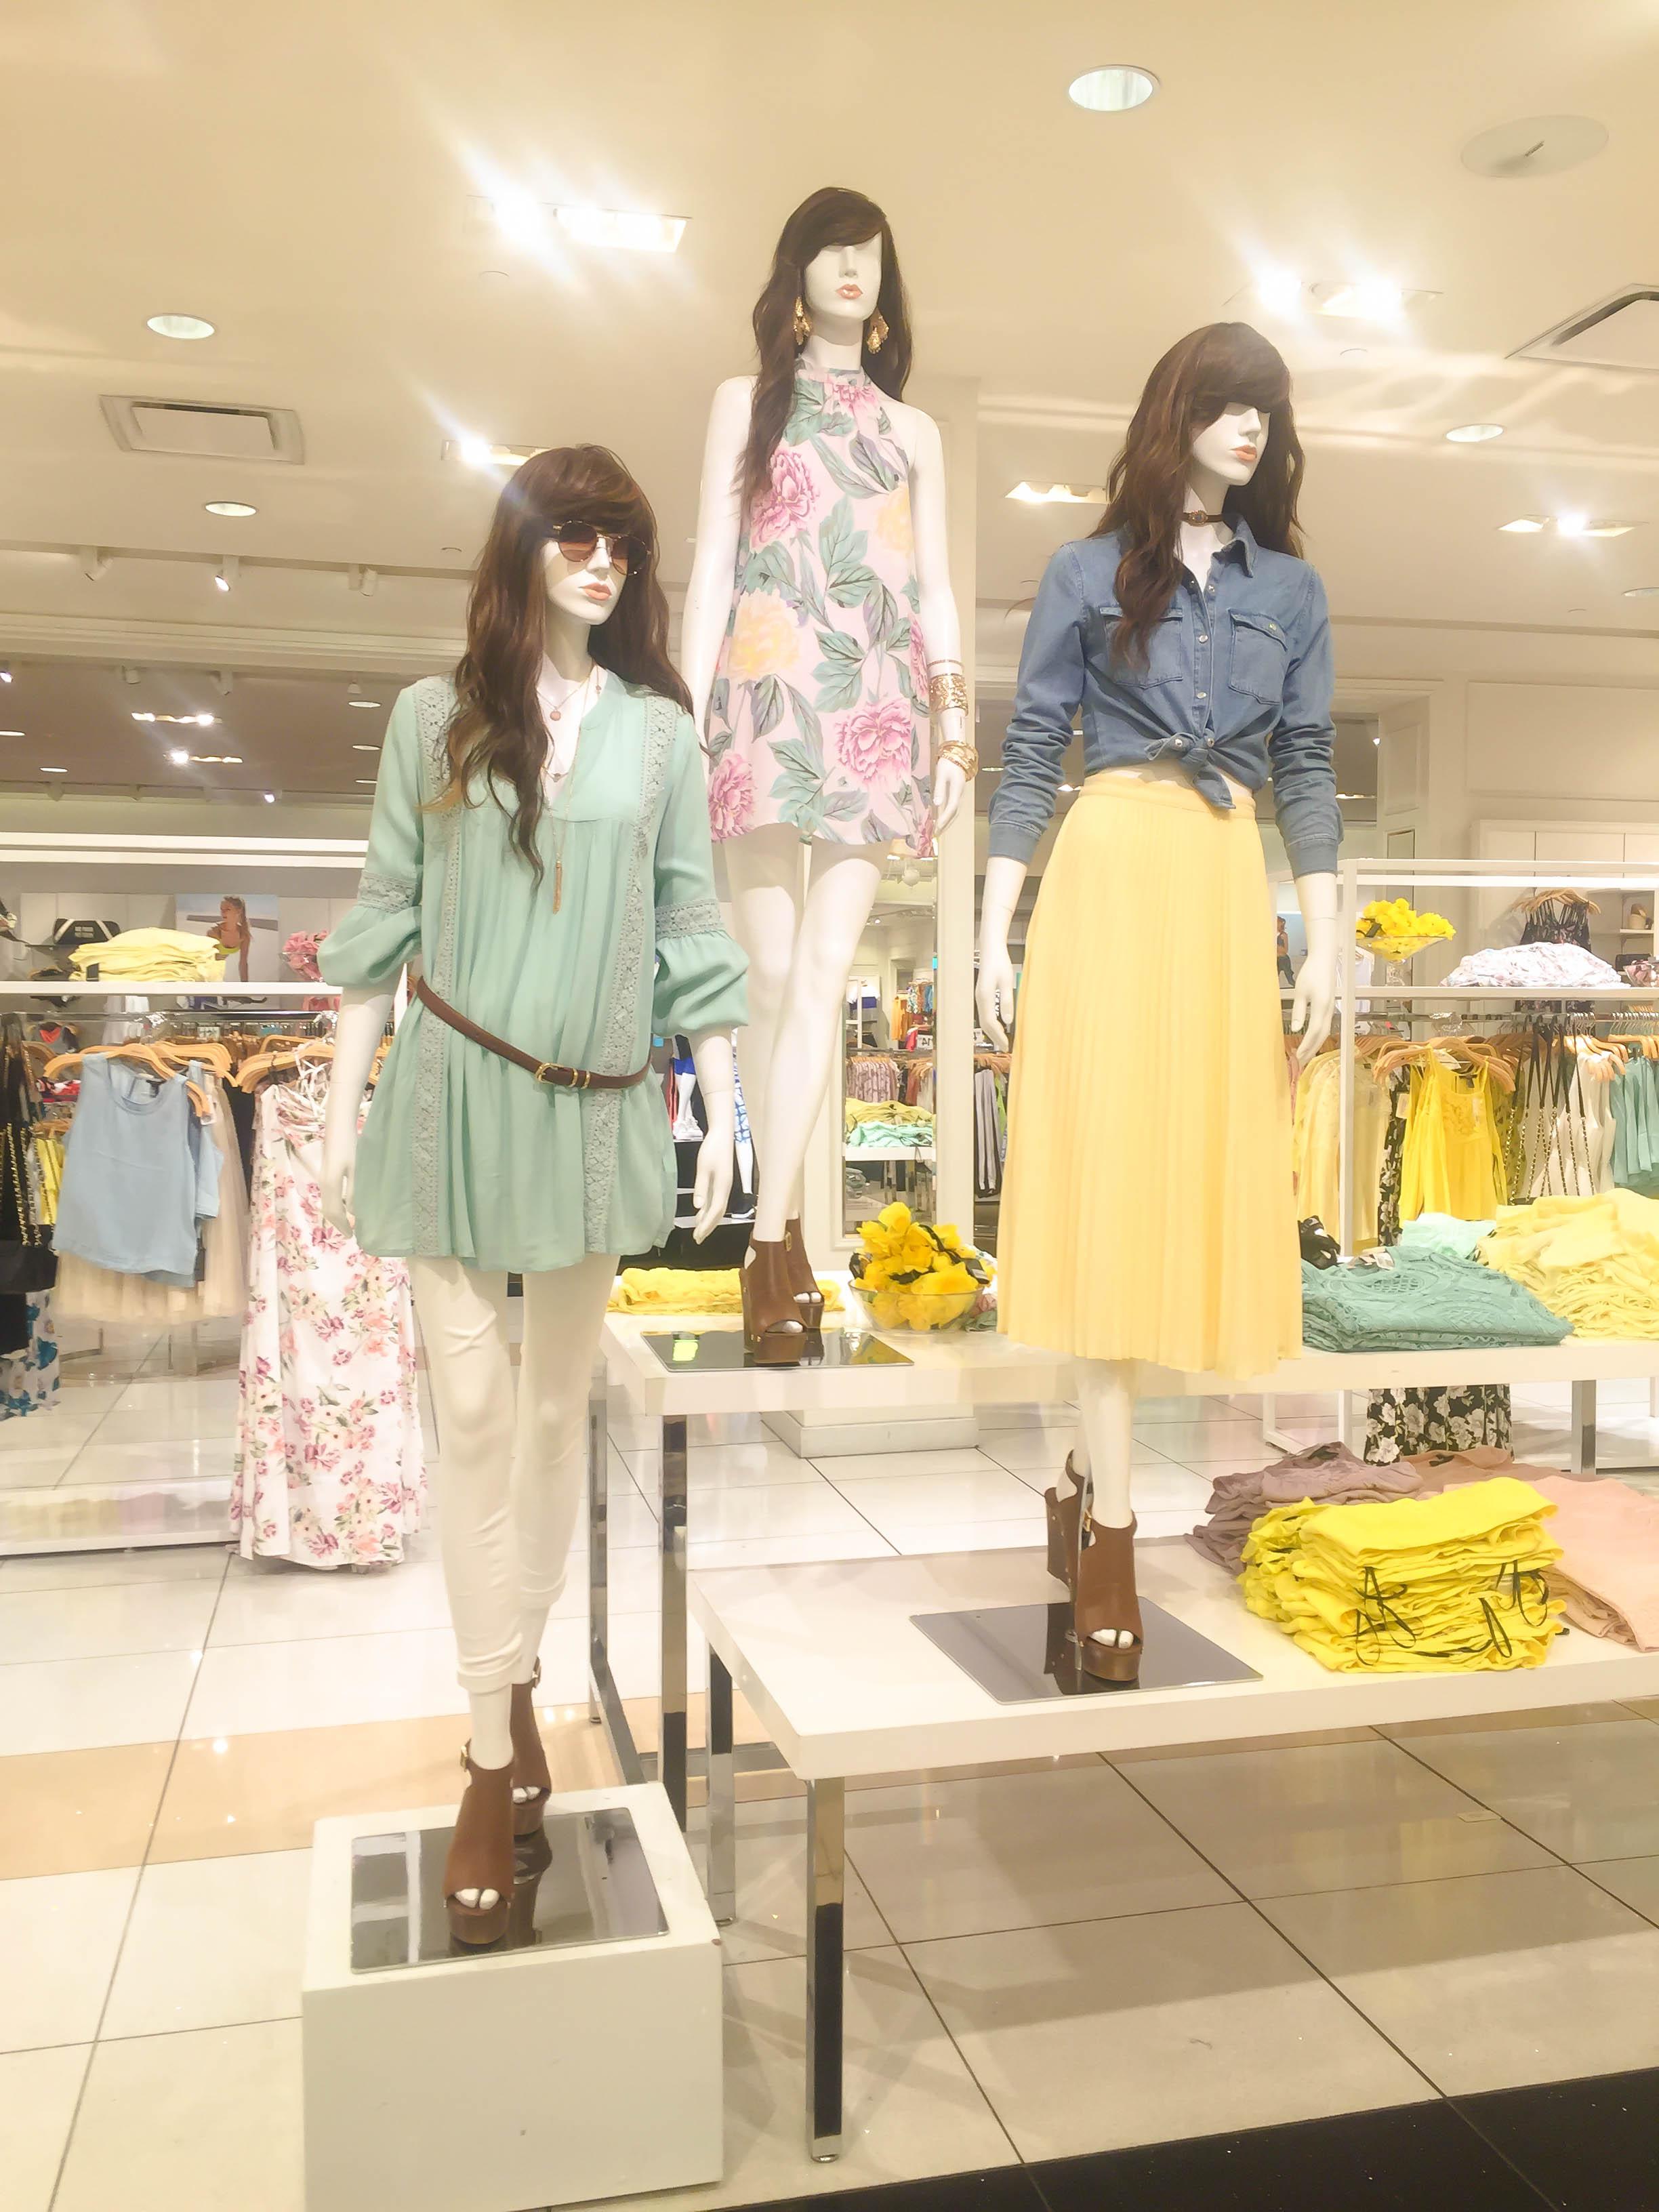 moda-las-vegas-verano-2017-fashion-diaries-1